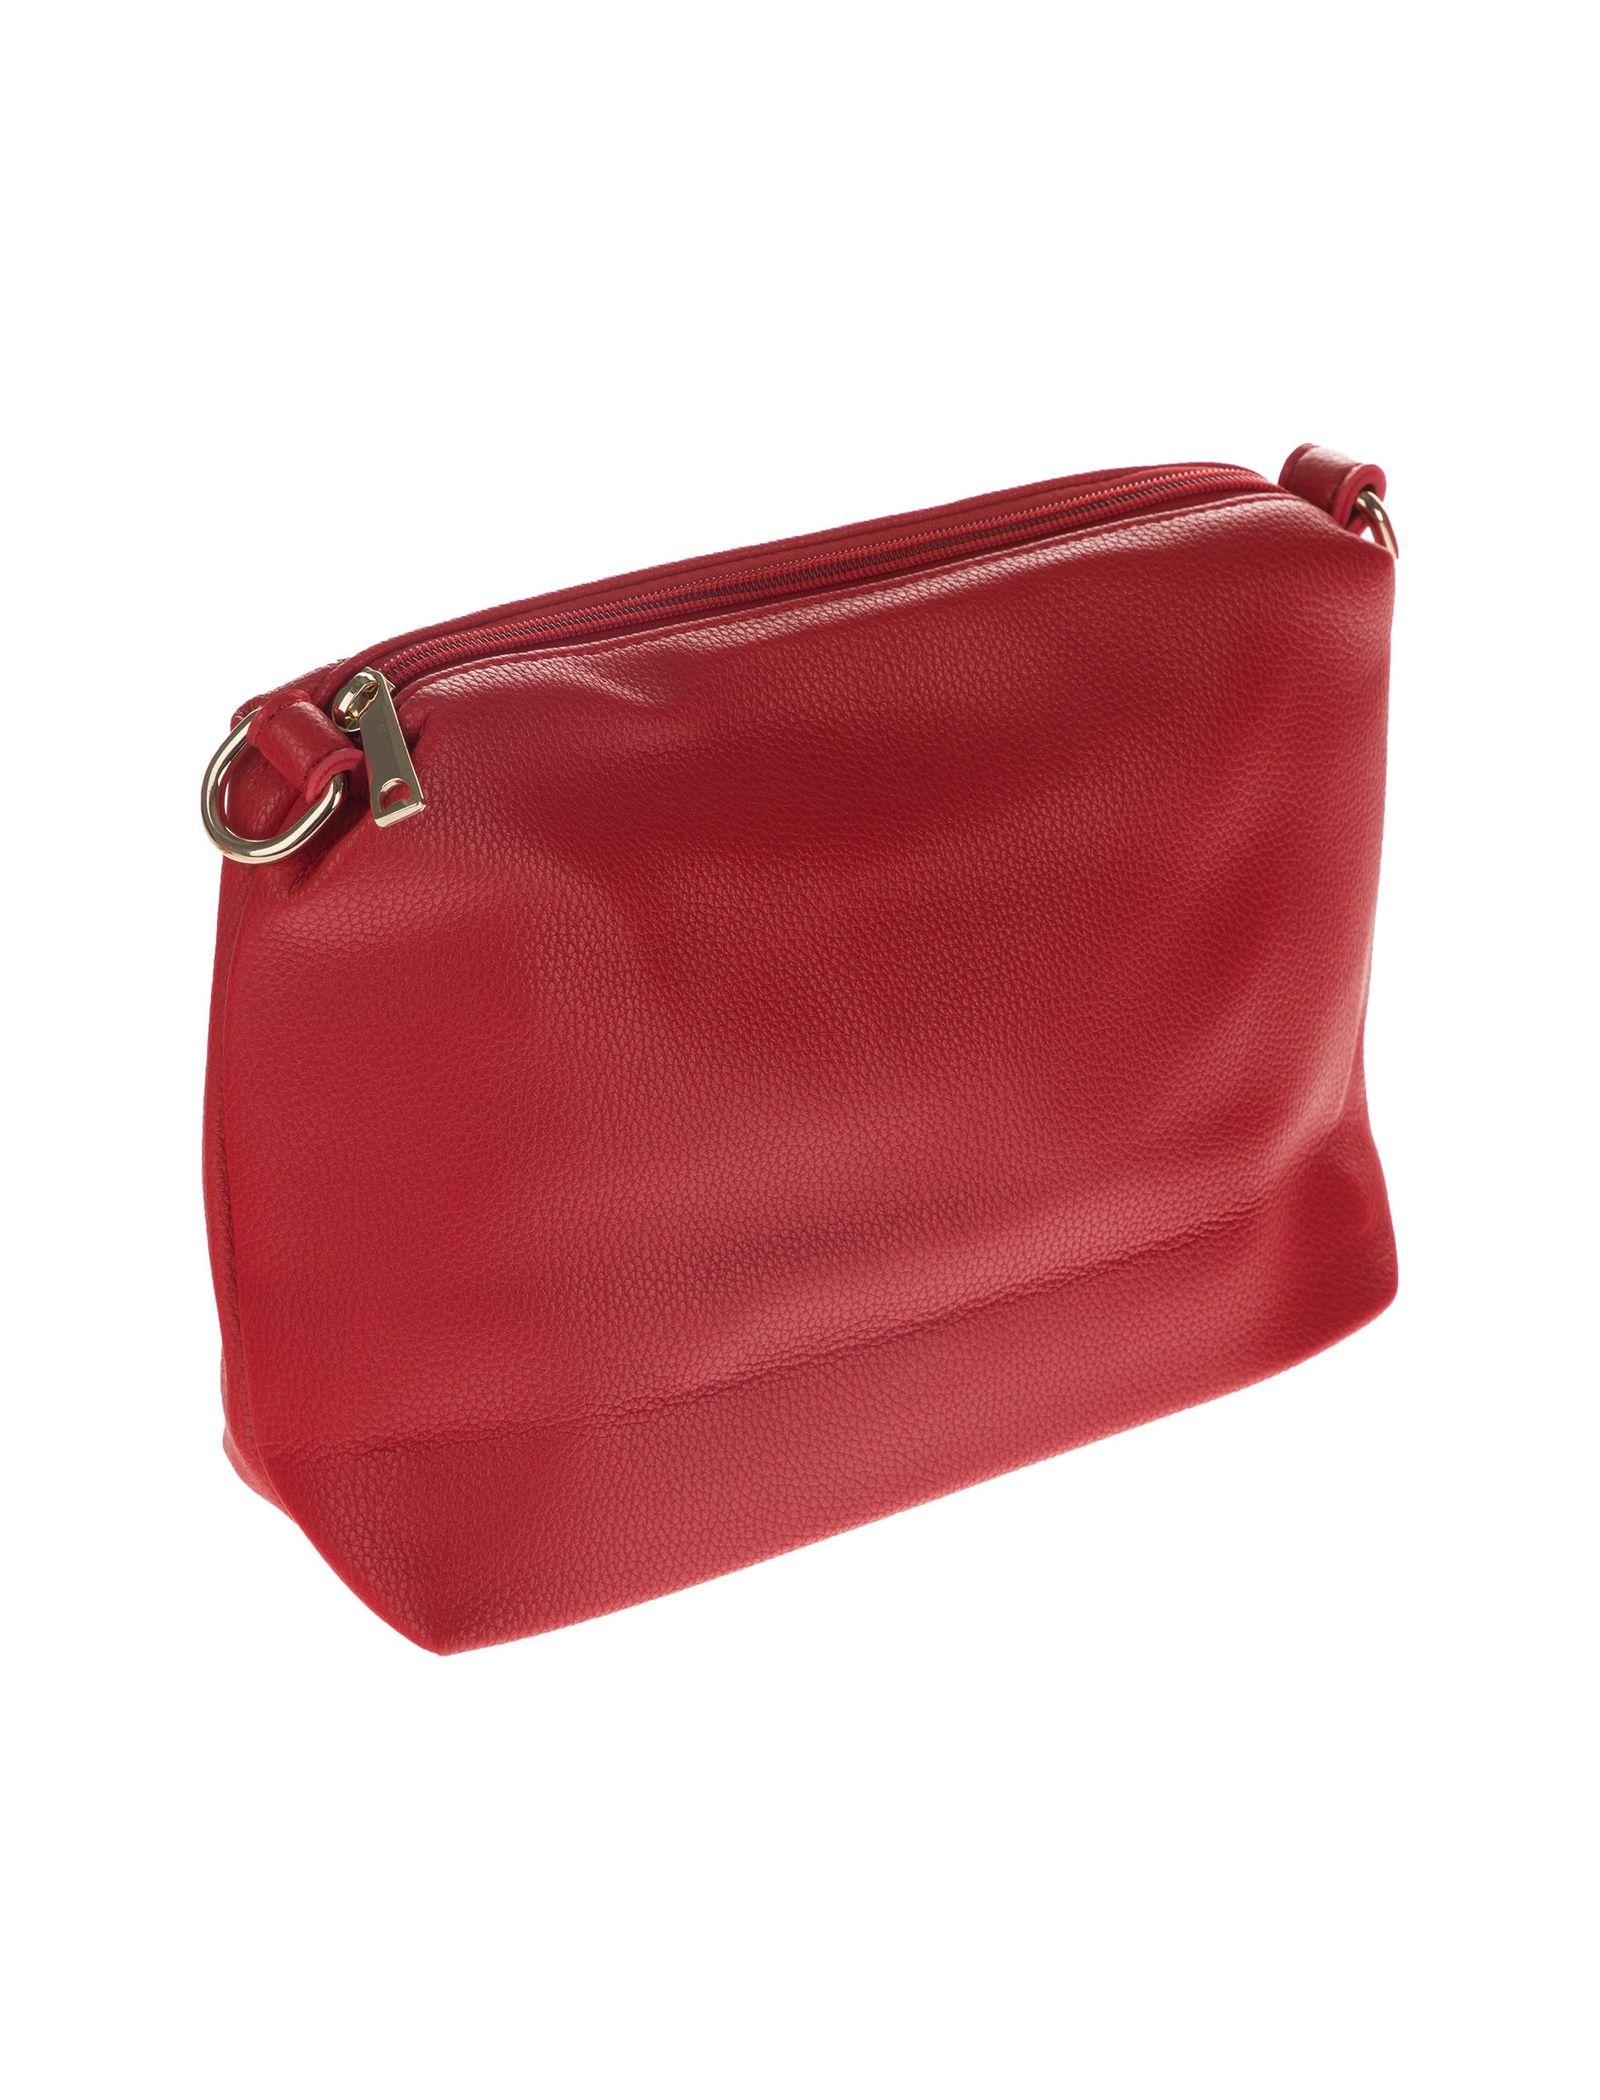 کیف دوشی روزمره زنانه - دادلین - قرمز  - 4